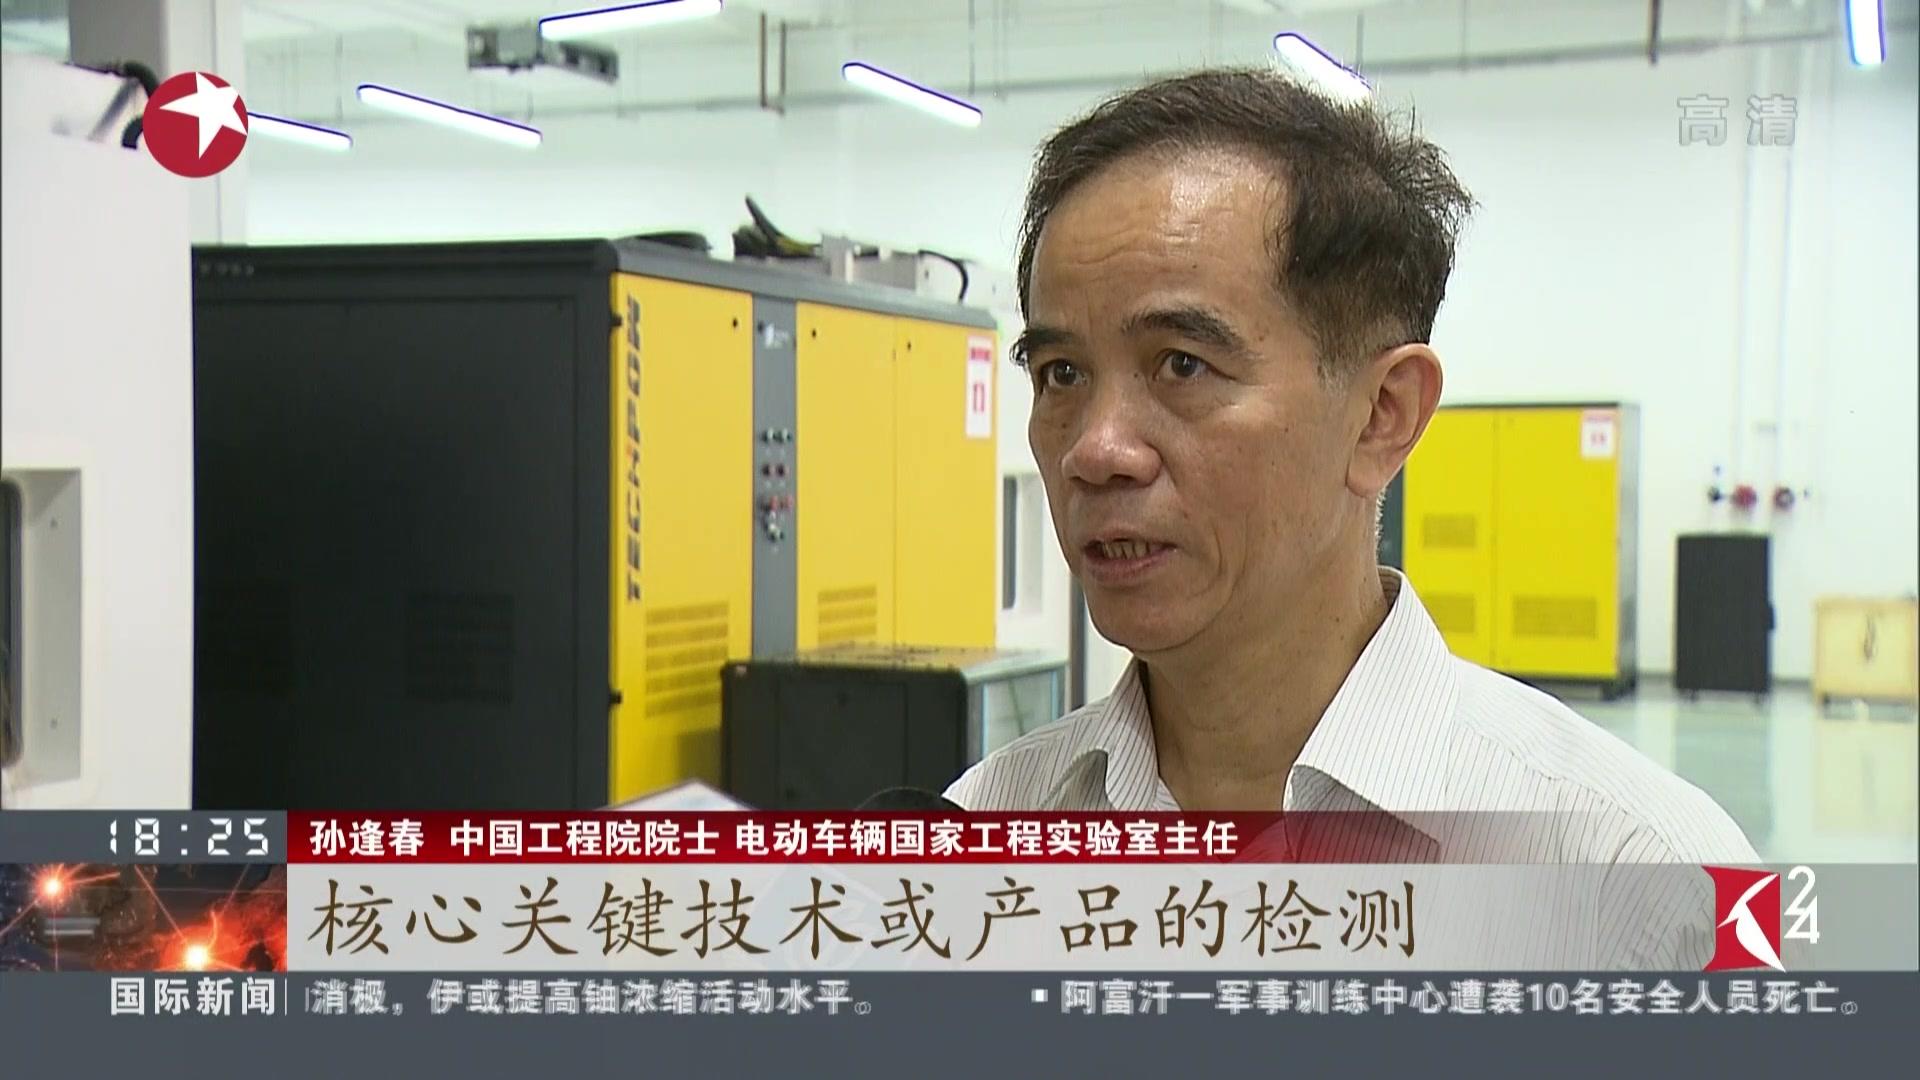 上海:电动车辆国家工程实验室落户自贸试验区